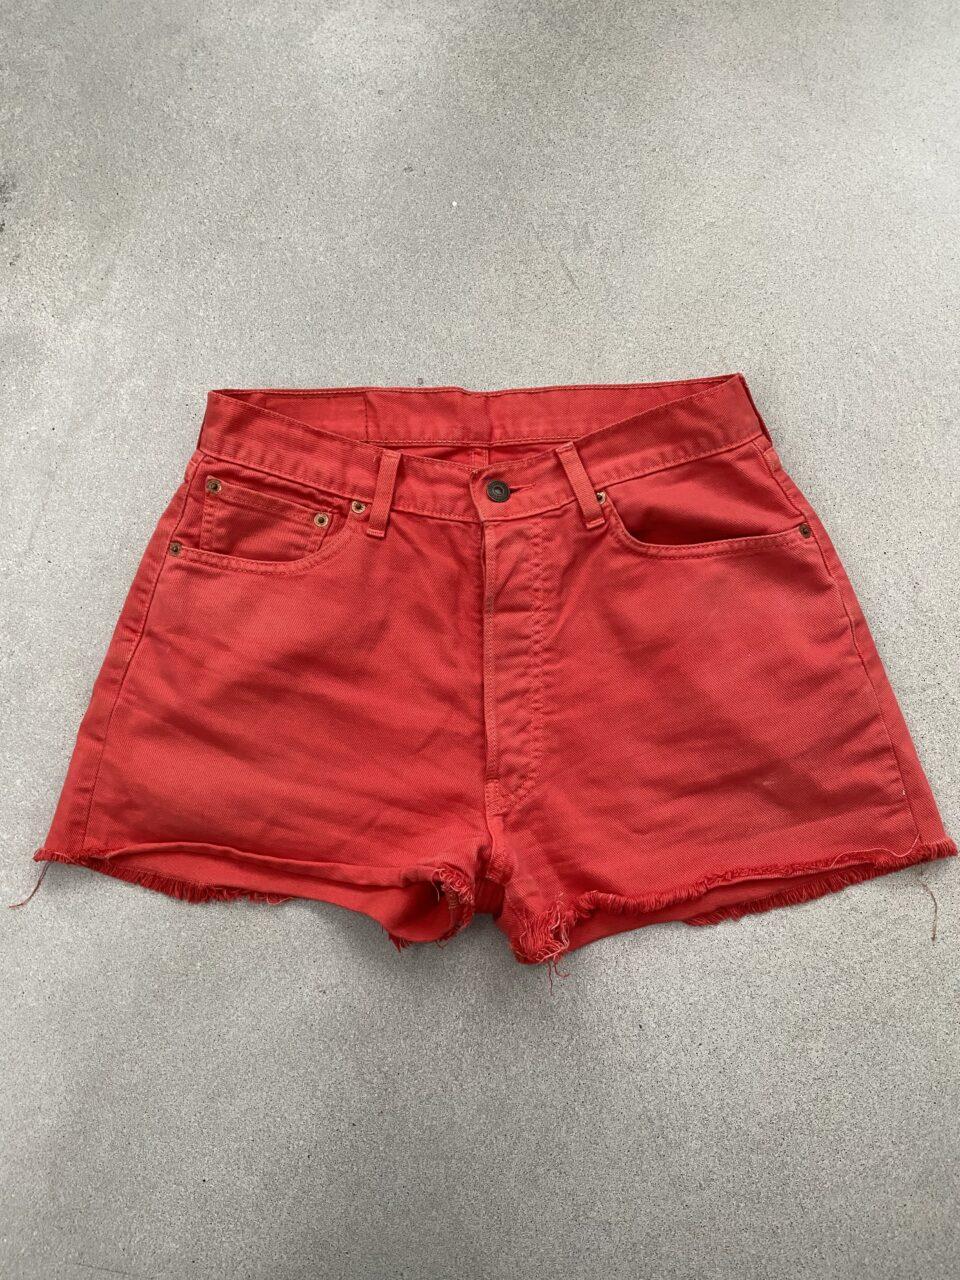 rode korte broek op betonvloer